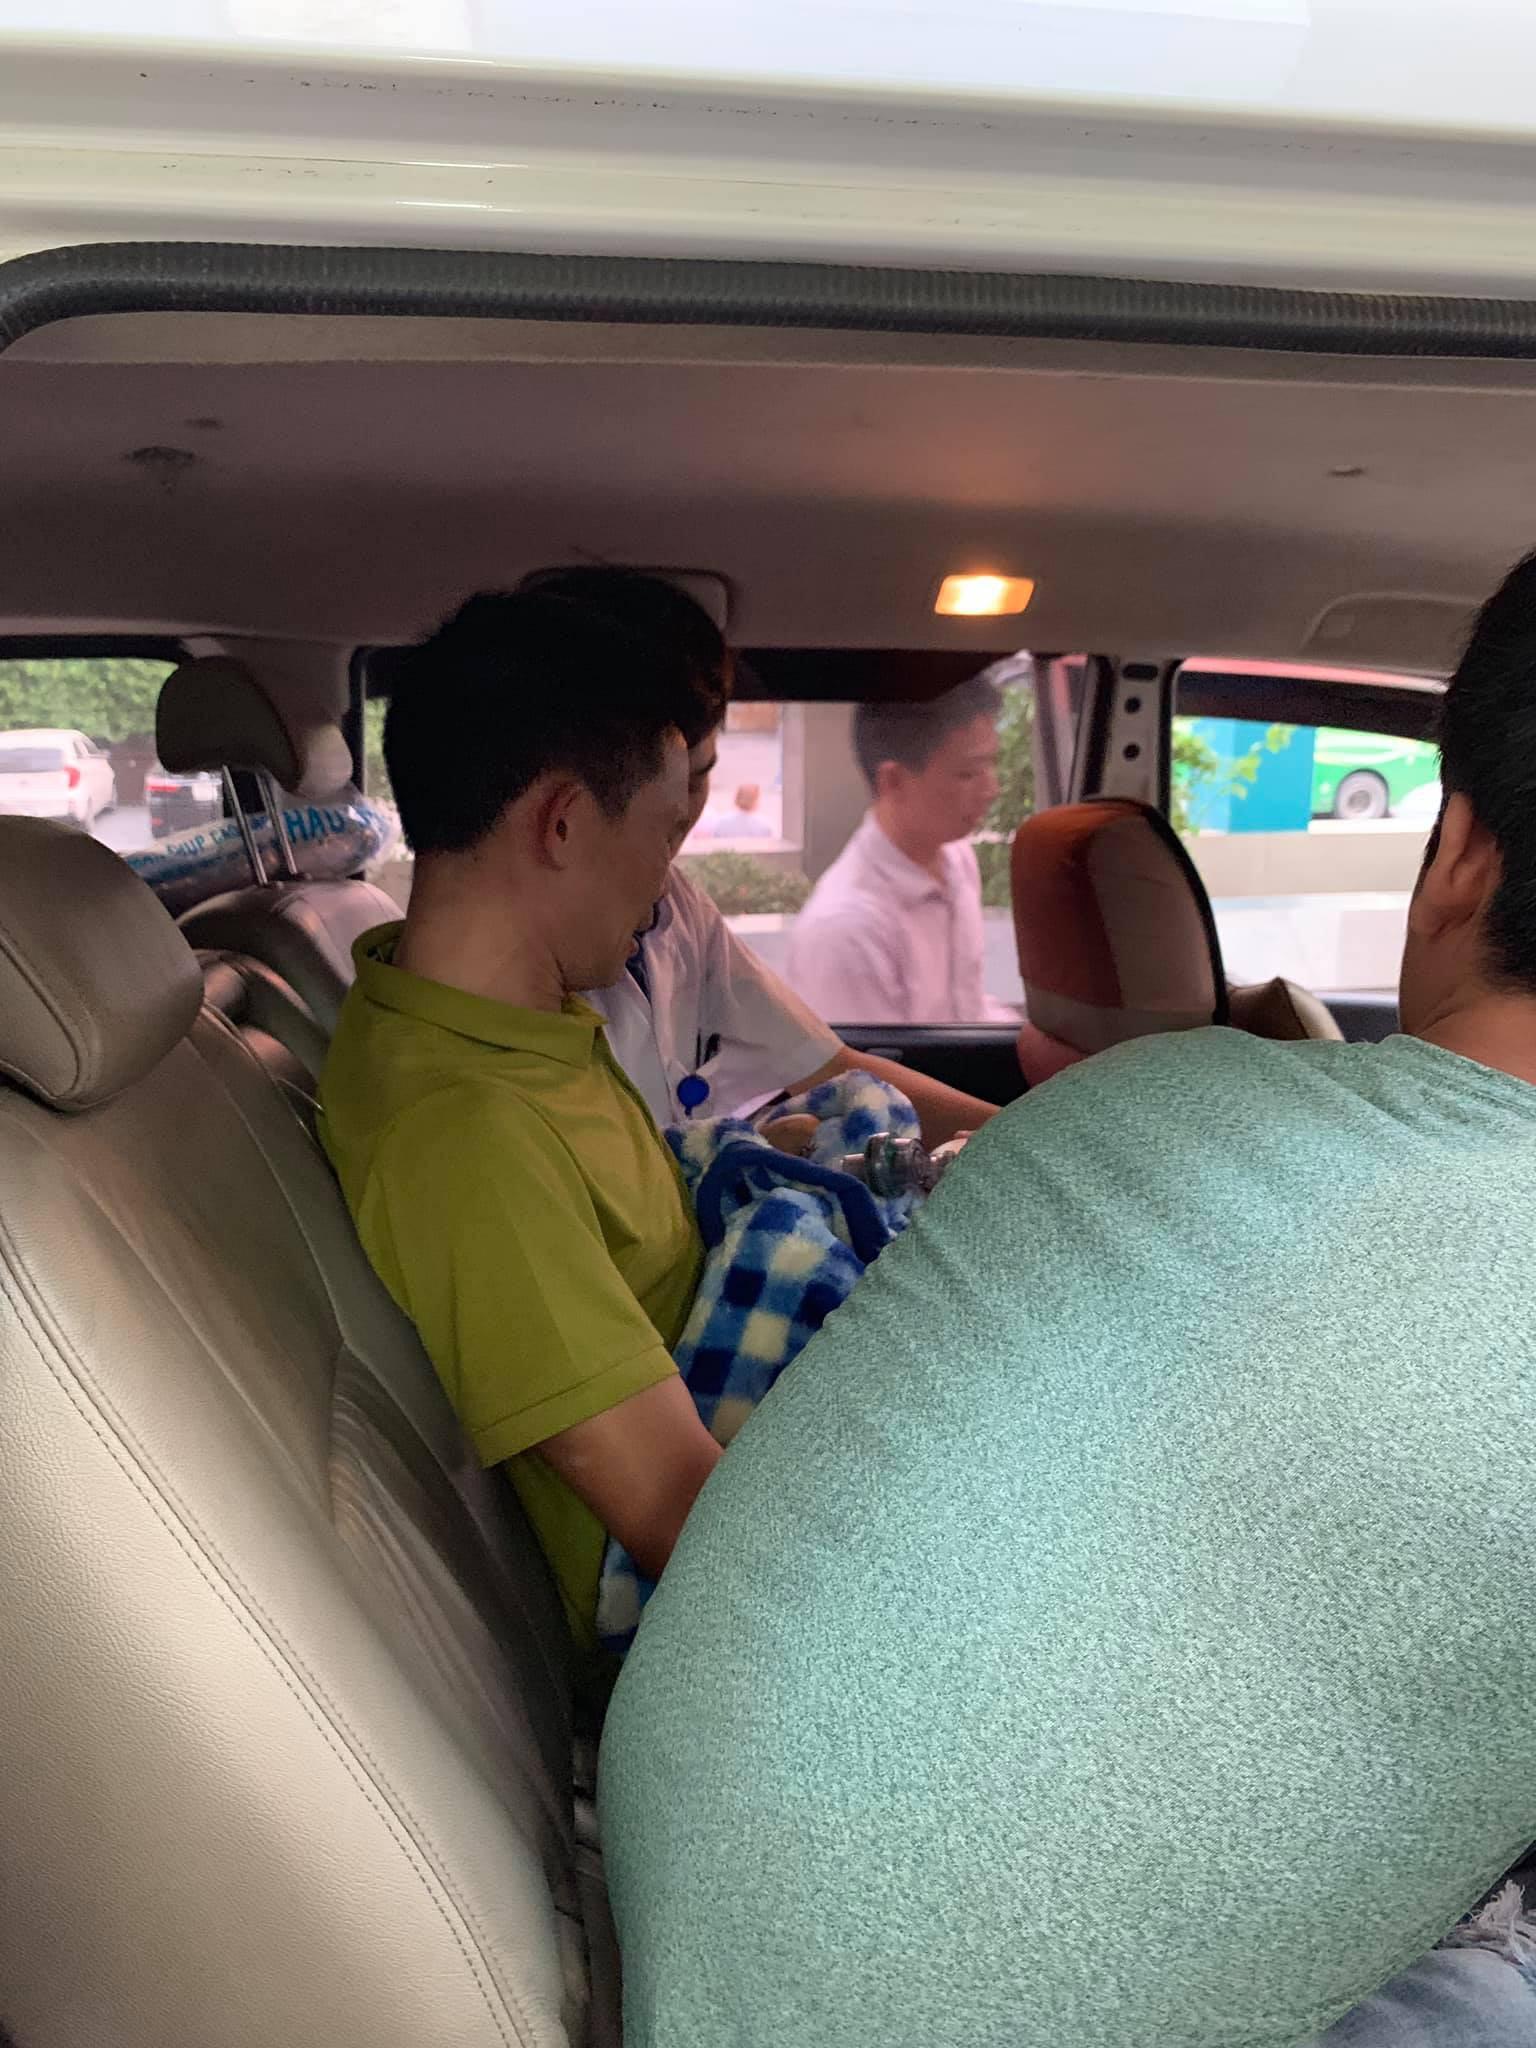 Em của Vì Quyết Chiến qua đời và chuyến xe cuối cùng đưa Lực về quê nhà gặp anh trai - Ảnh 4.